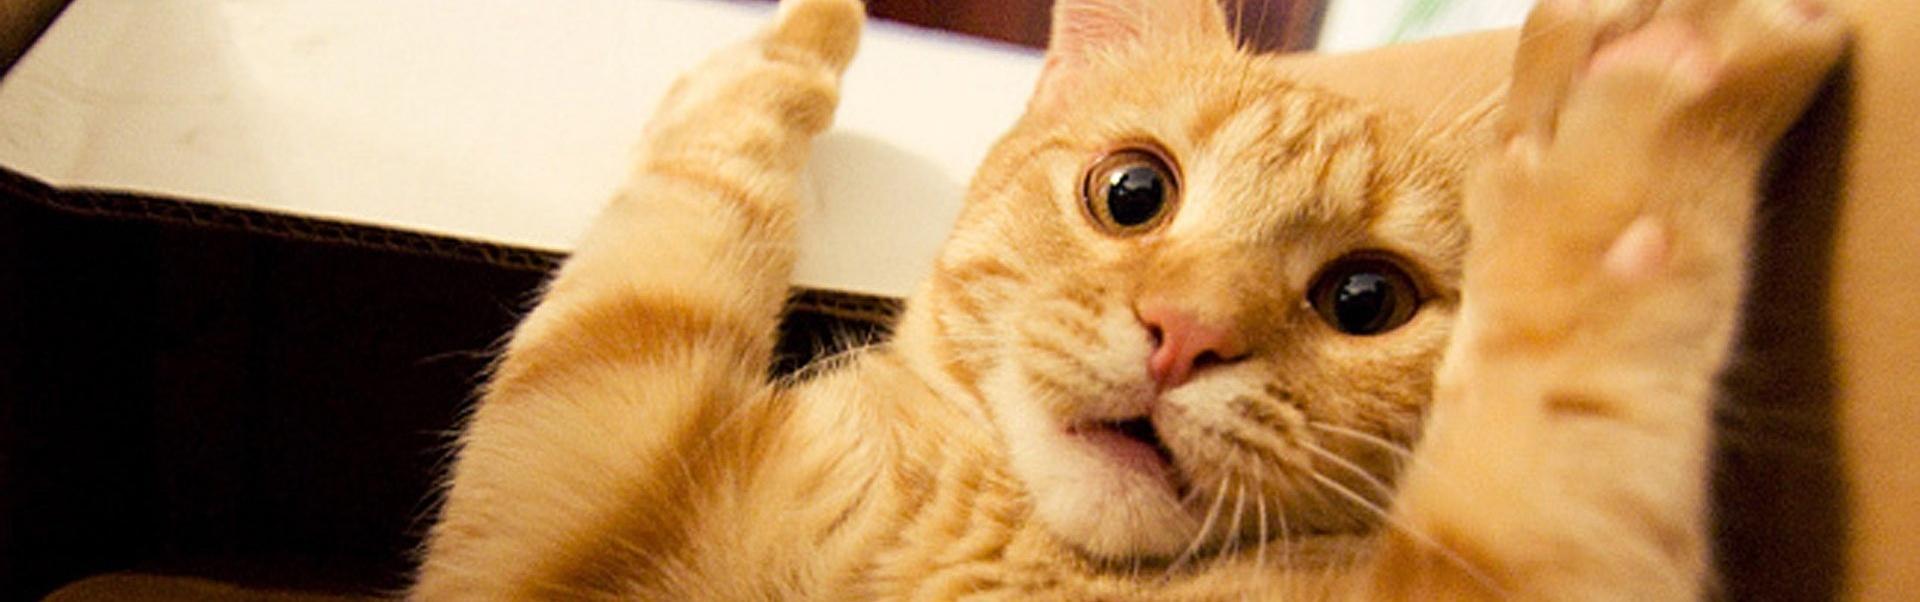 20 de momente amuzante cu pisici, surprinse exact la timp – Galerie Foto